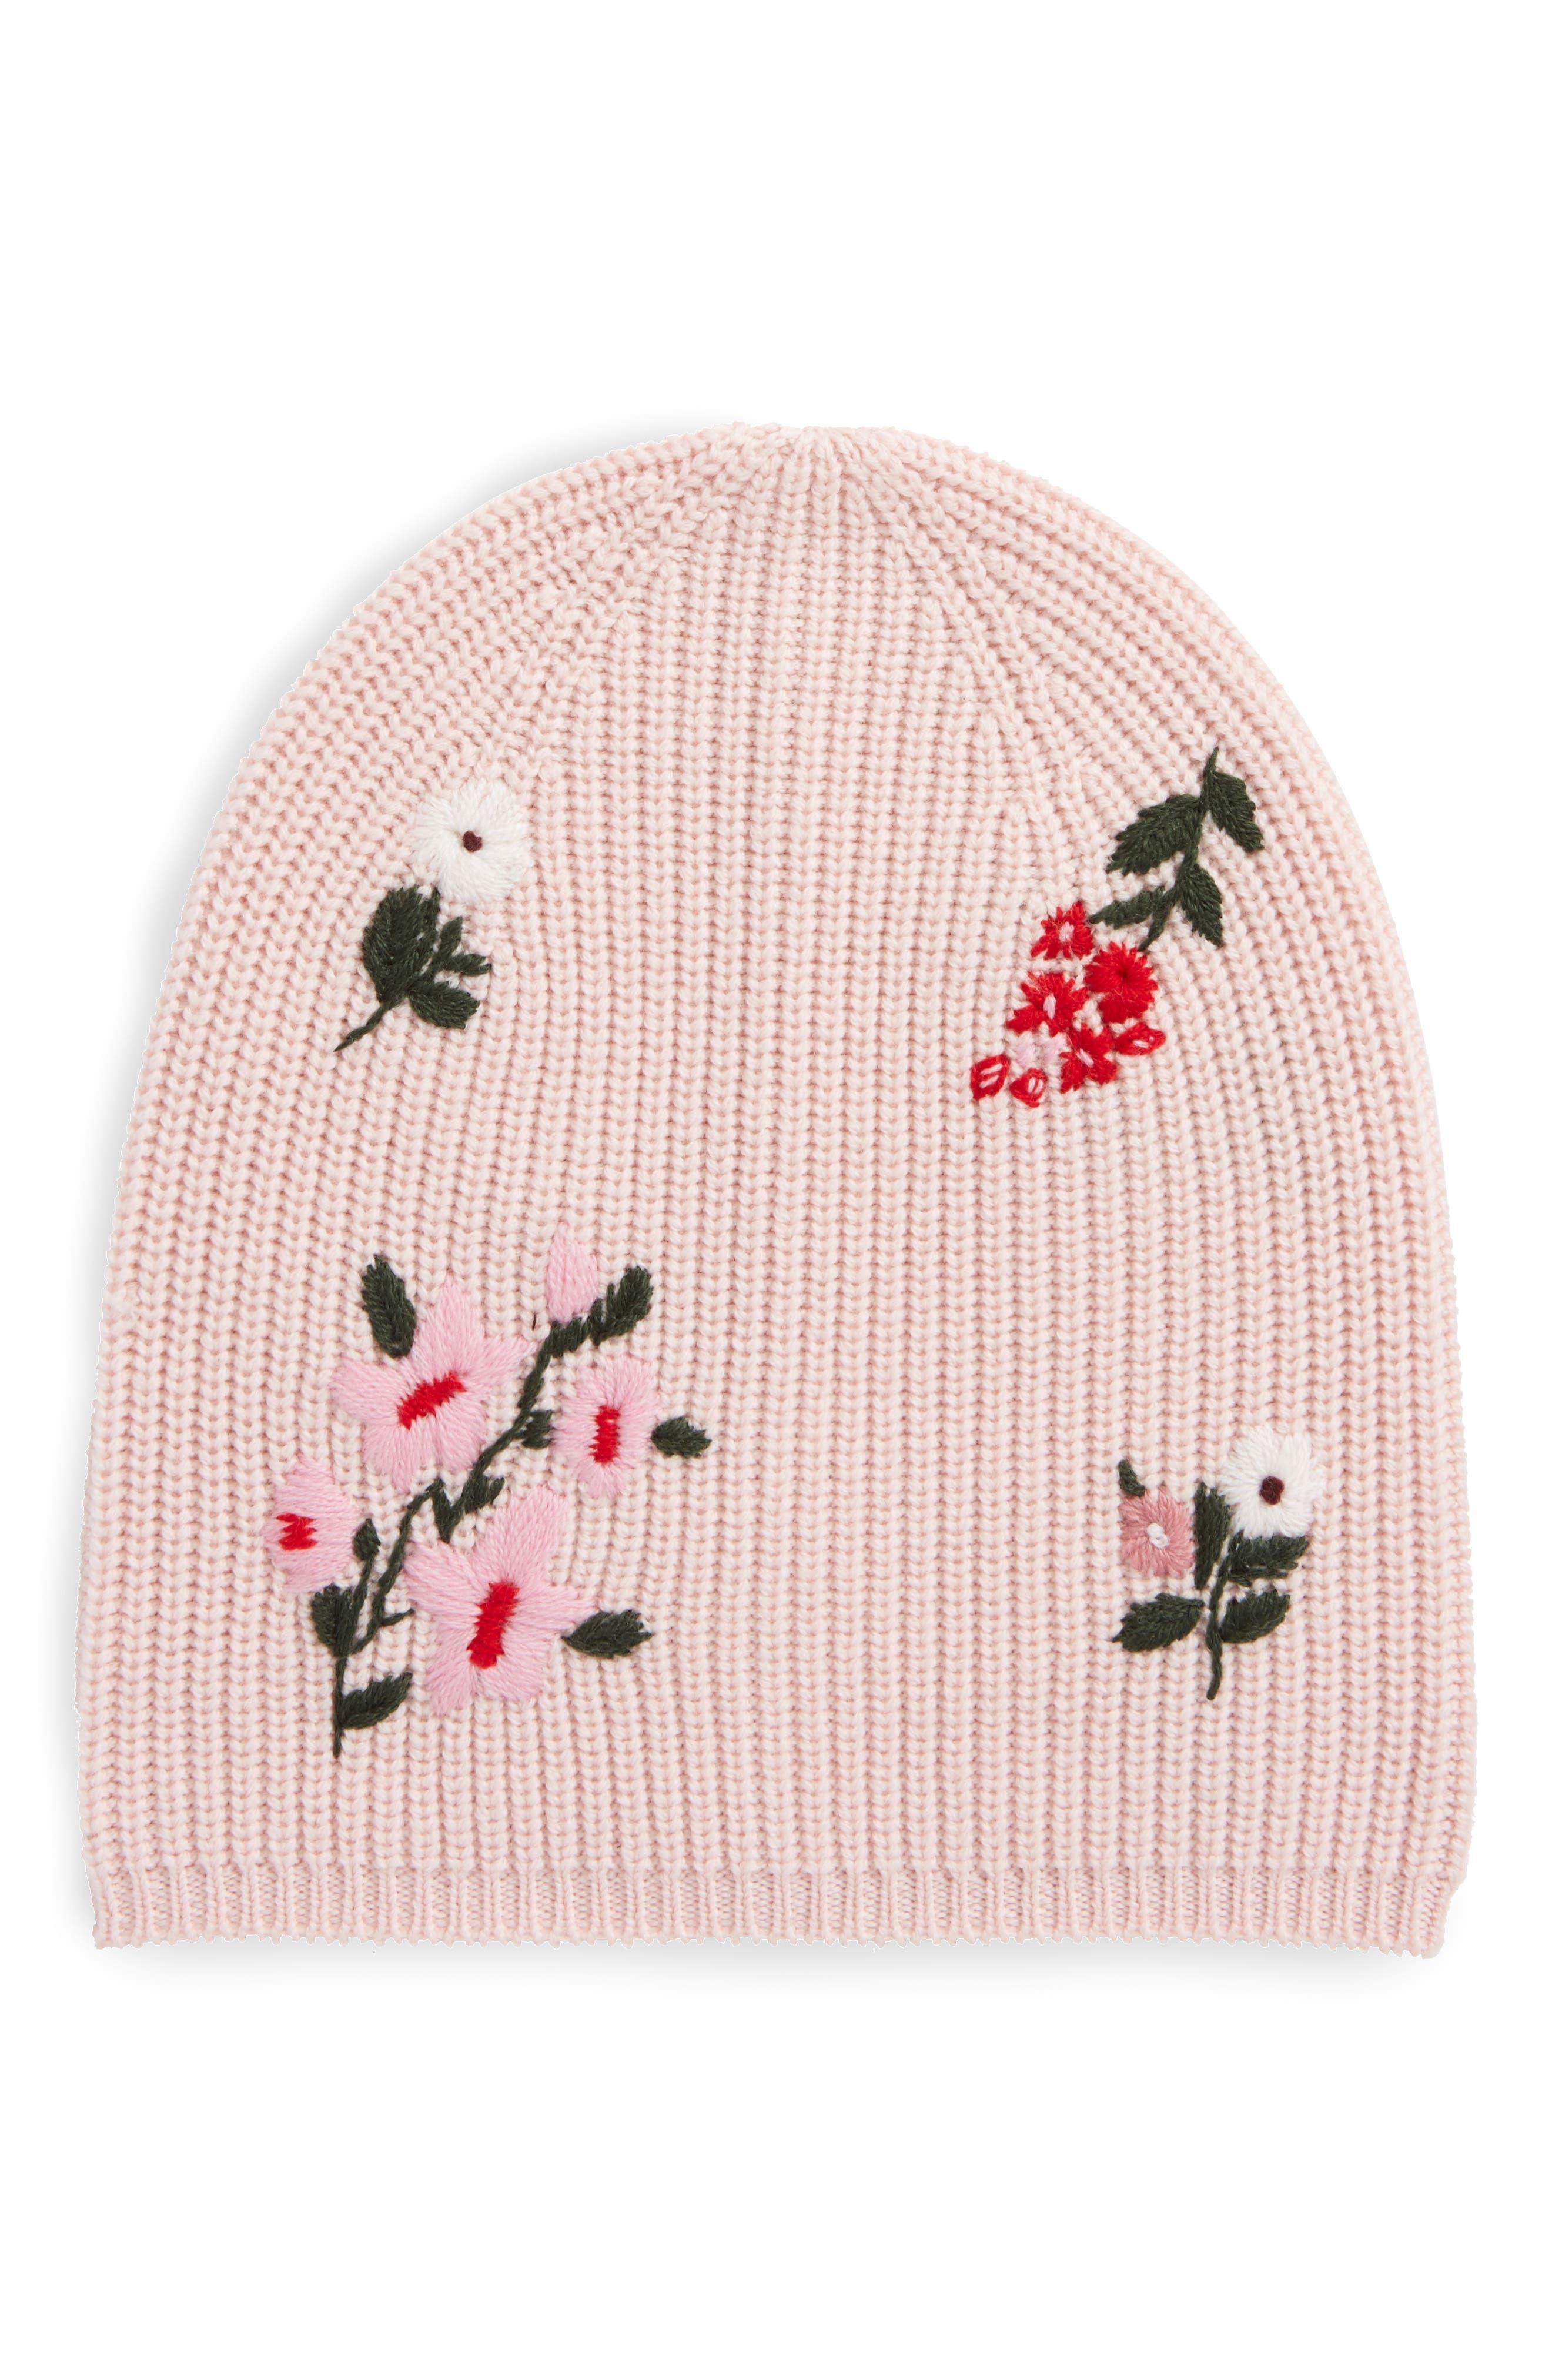 kate spade new york in bloom merino wool knit beanie